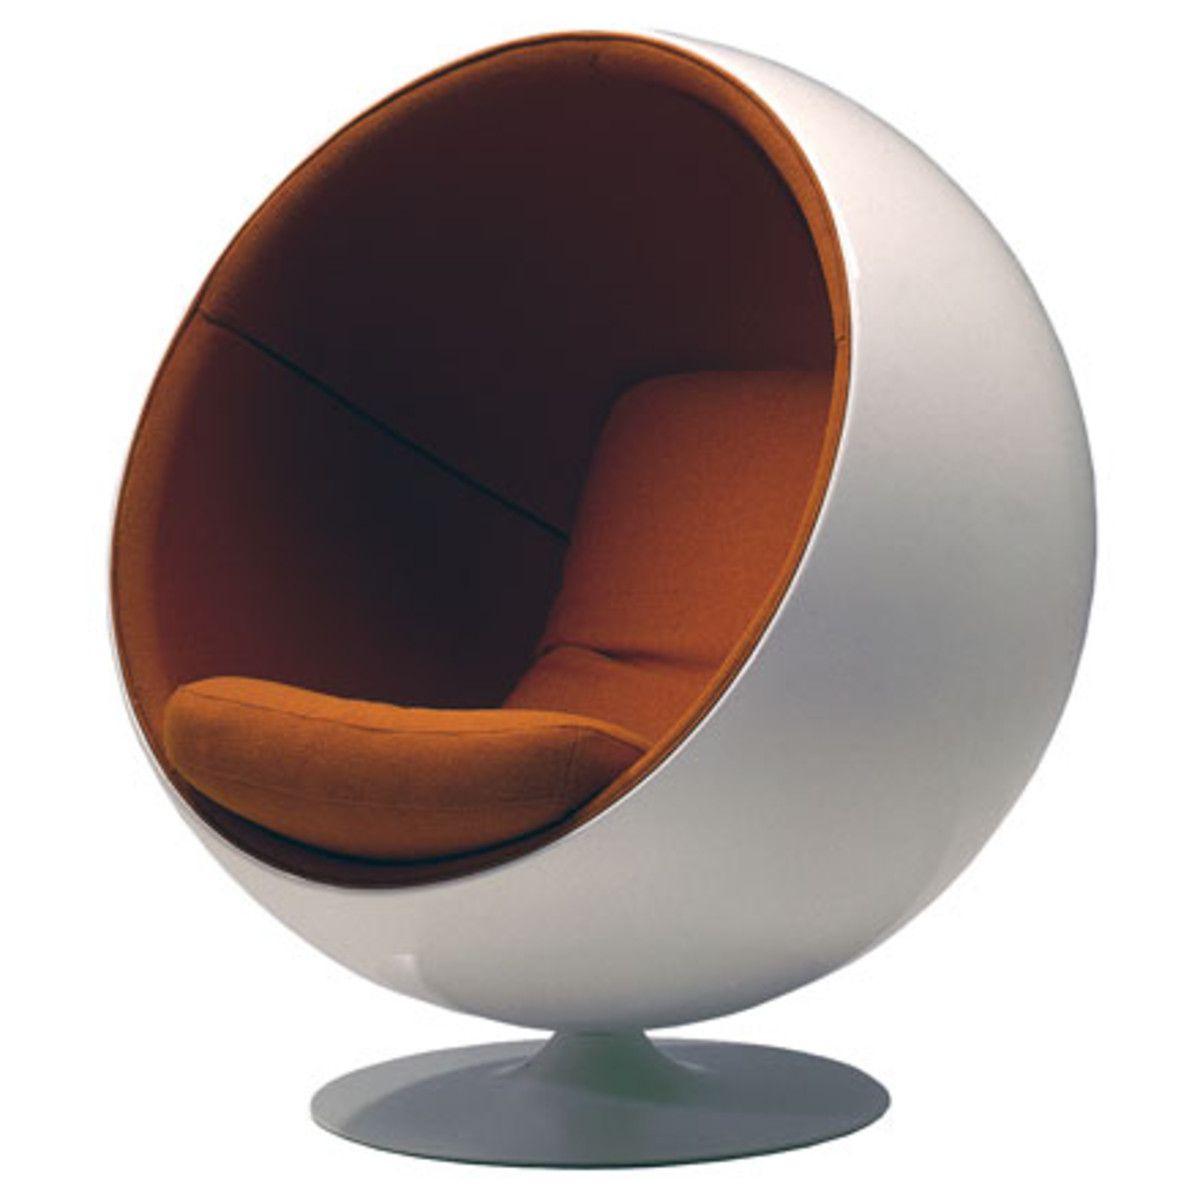 eero aarnios durchbruch als designer begann 1966 mit. Black Bedroom Furniture Sets. Home Design Ideas